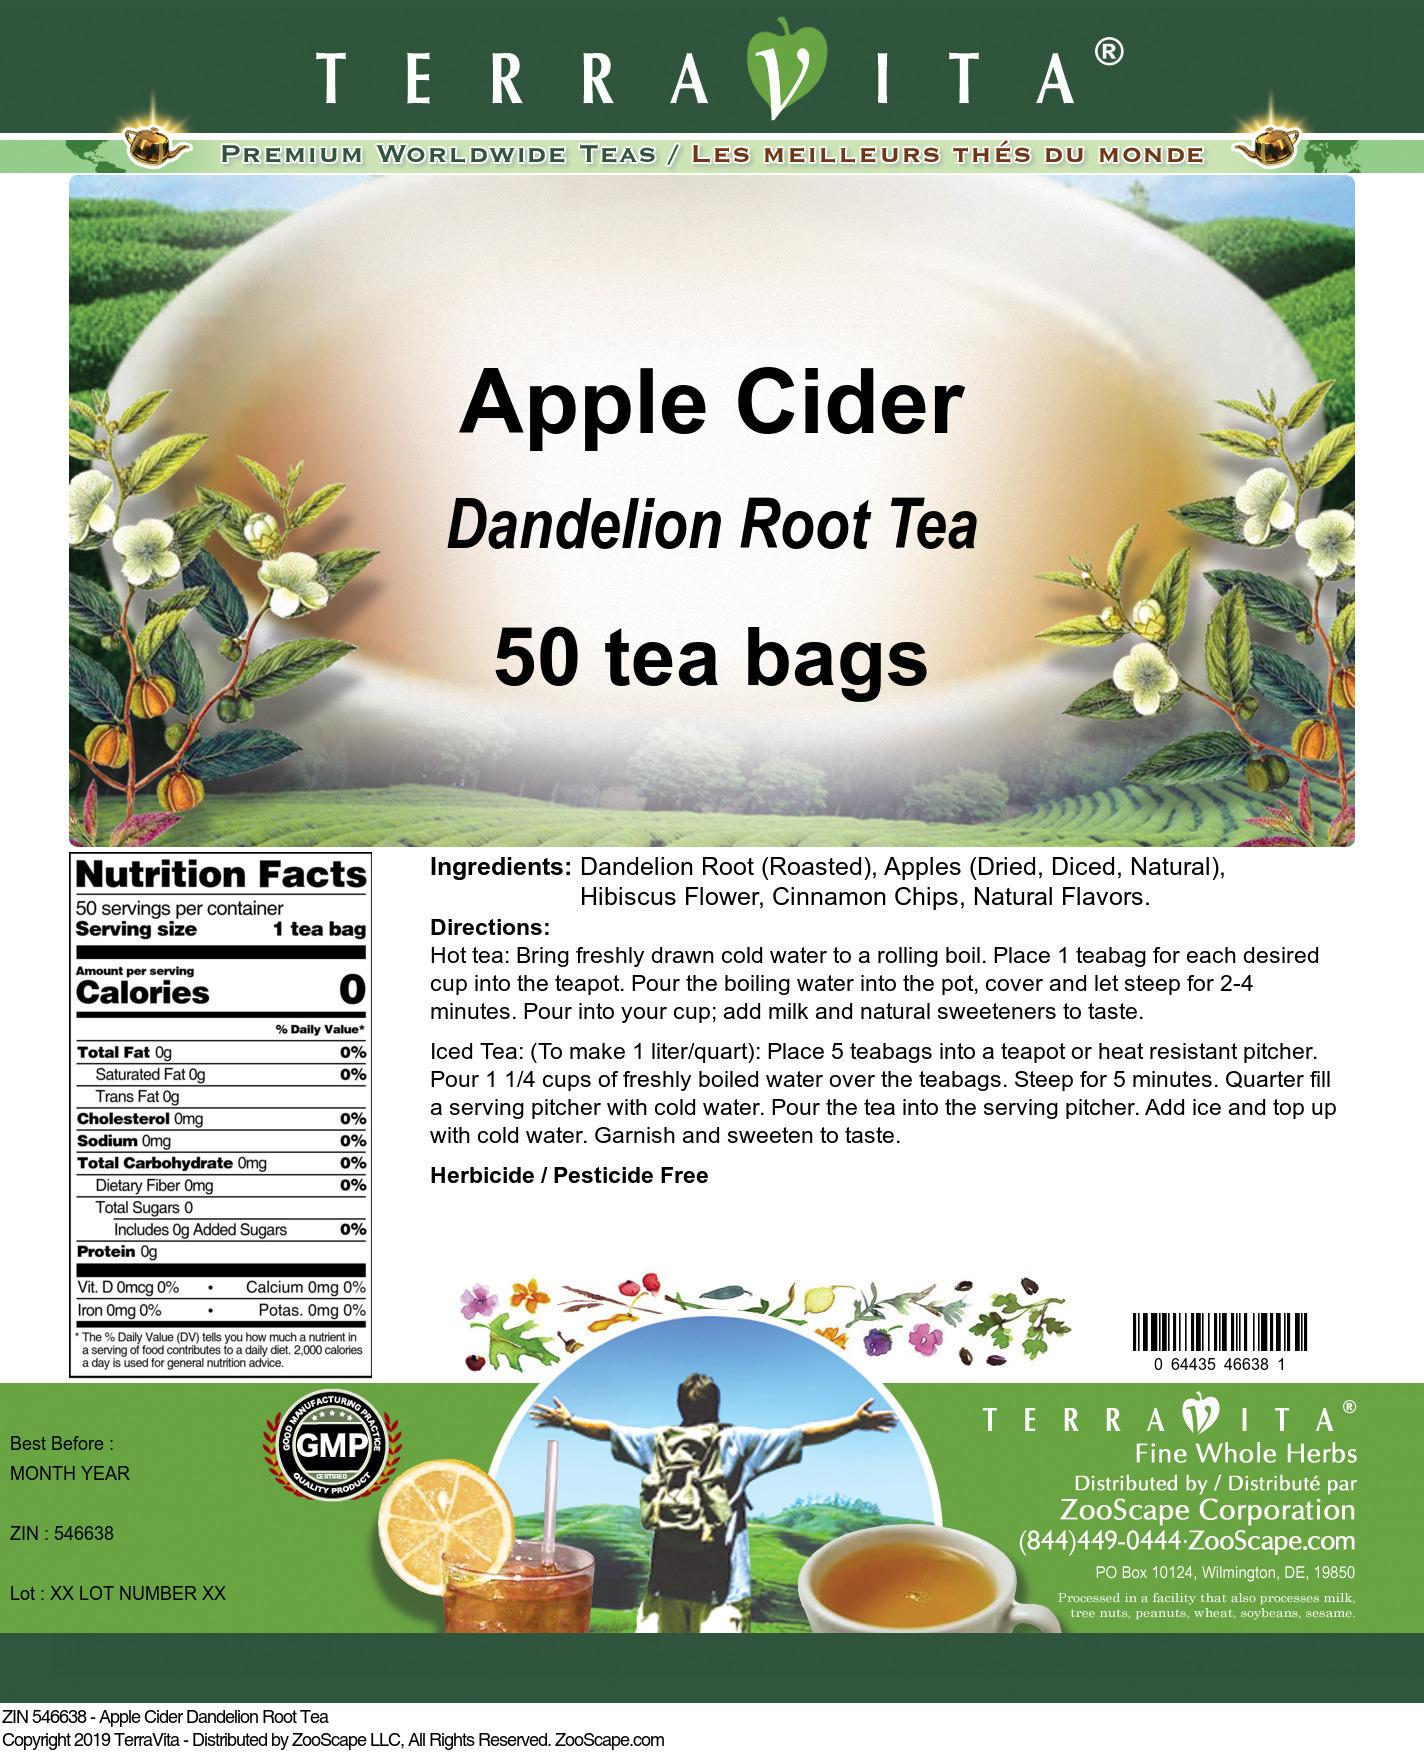 Apple Cider Dandelion Root